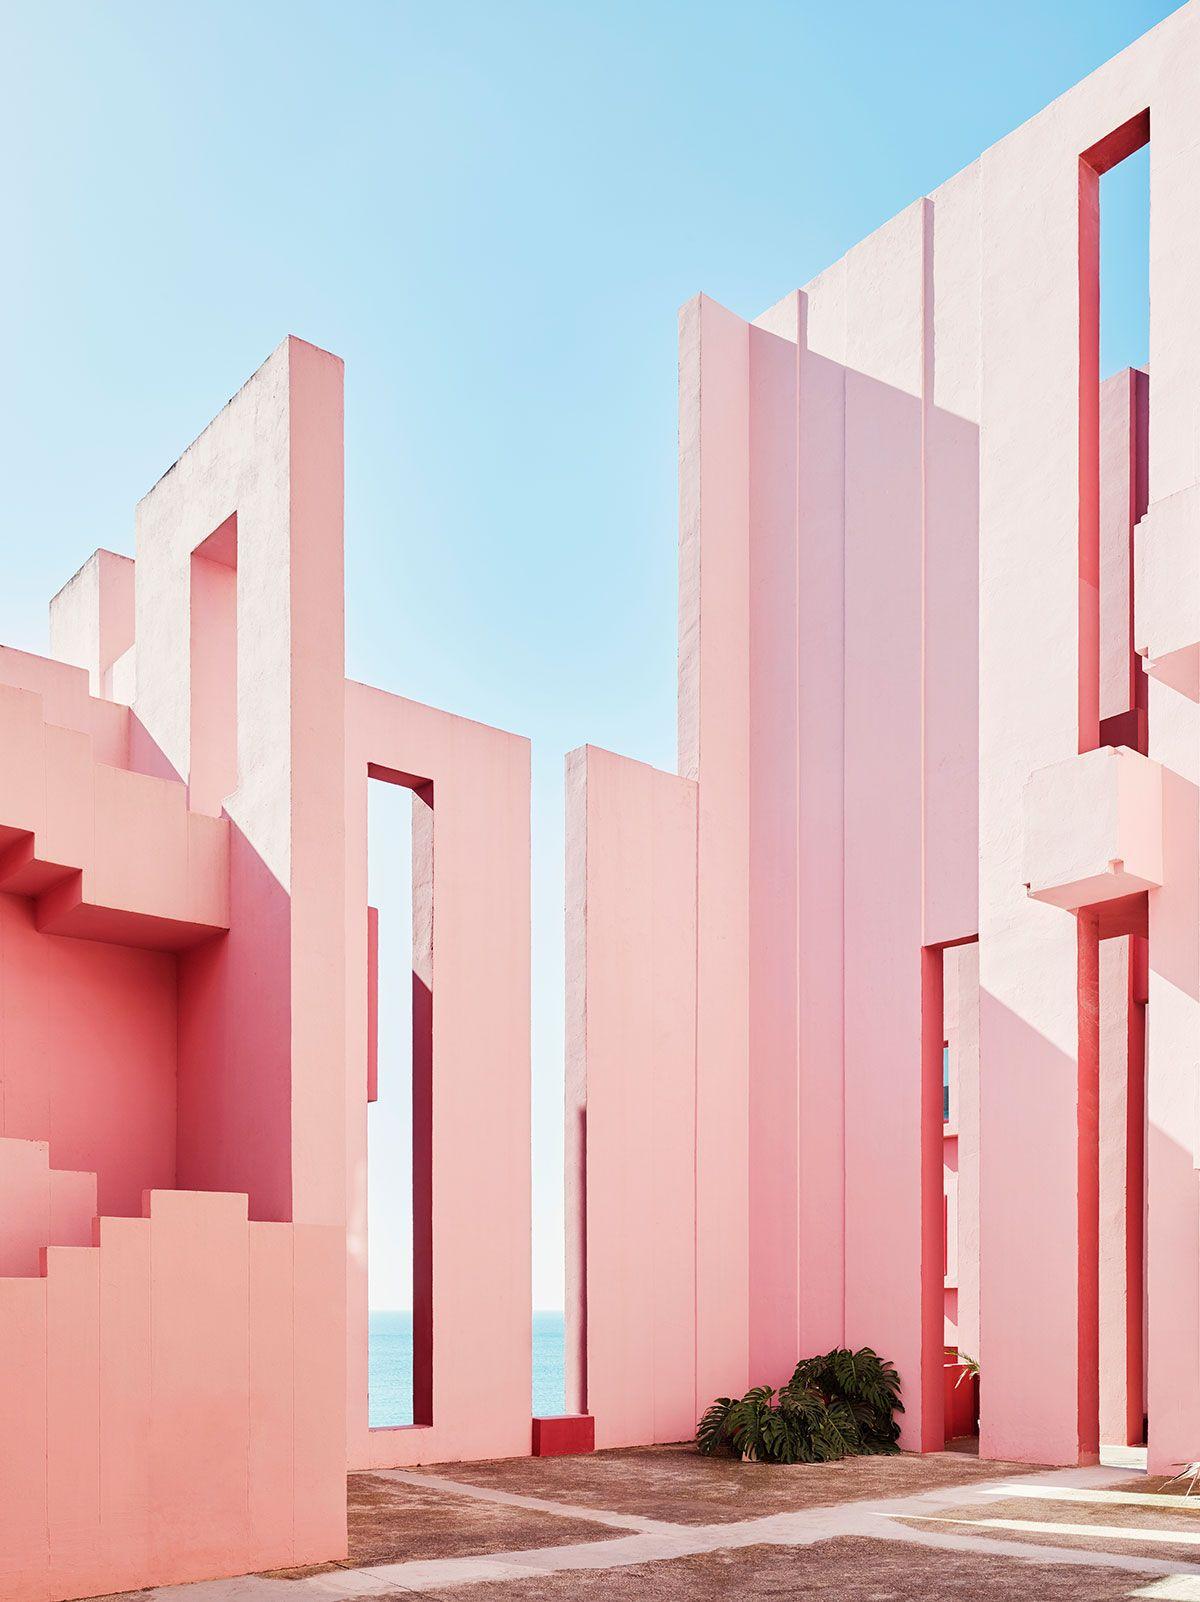 La Muralla Roja Miss Moss Architecture Minimalist Architecture Red Walls